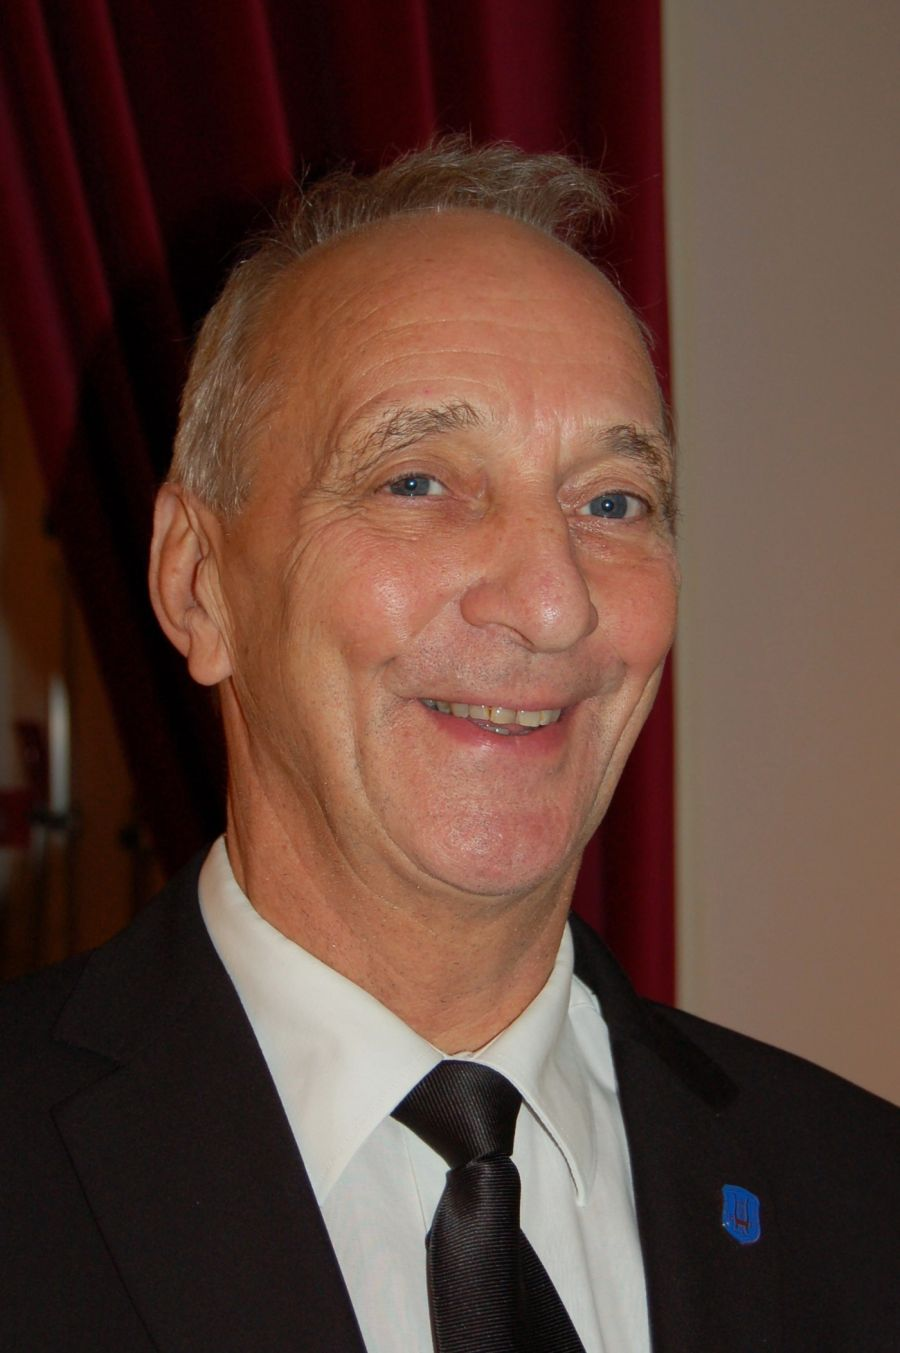 Arne Hjermind, travel og positiv formann for byens travleste kor.